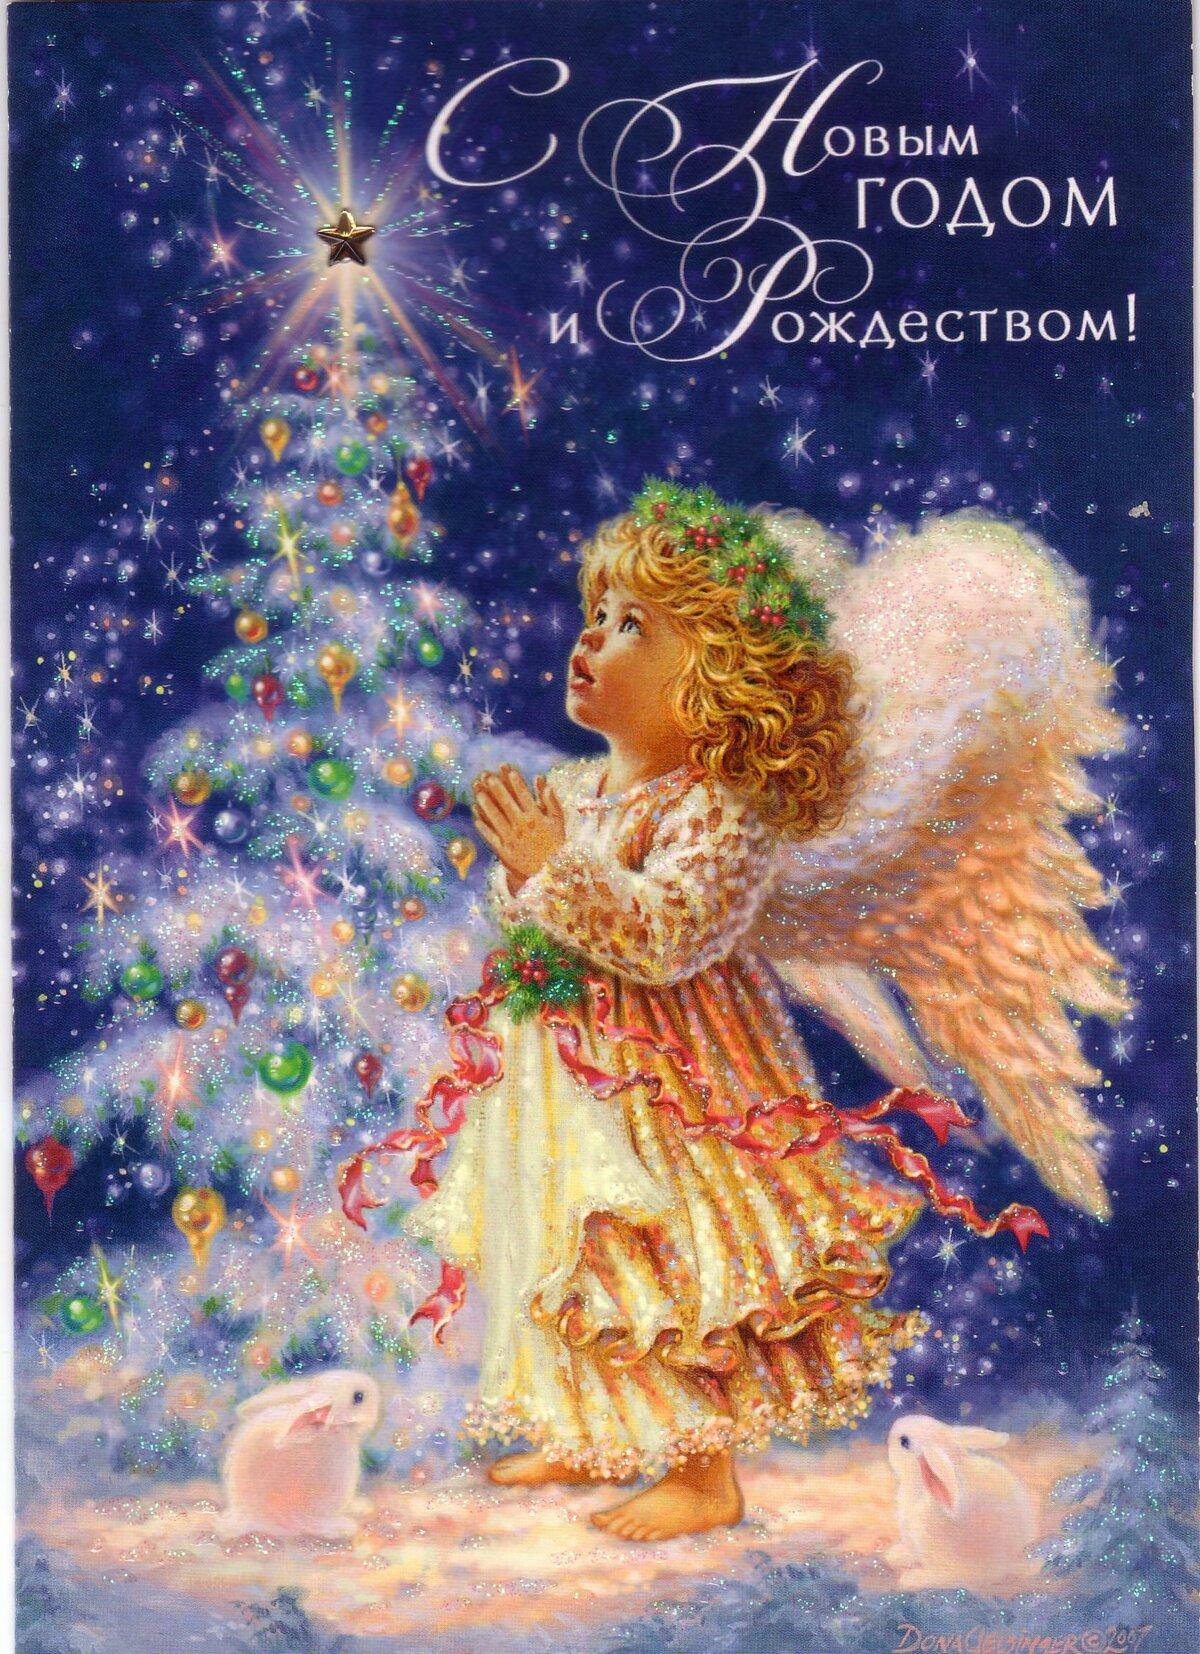 нов год ирождество открытка сам таится